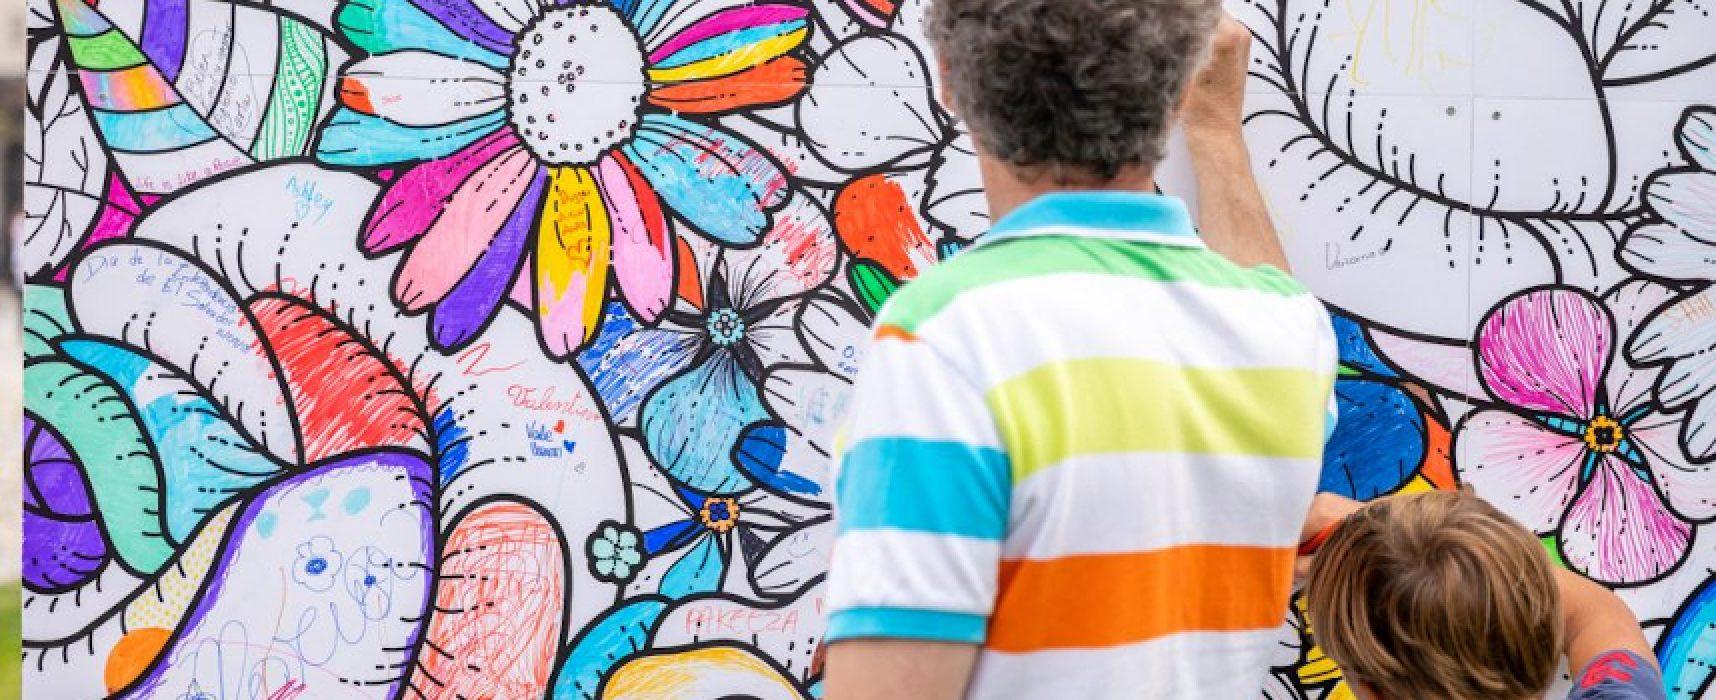 Fabriano Festival del Disegno, quarta edizione del laboratorio d'arte di Enzo Abascià